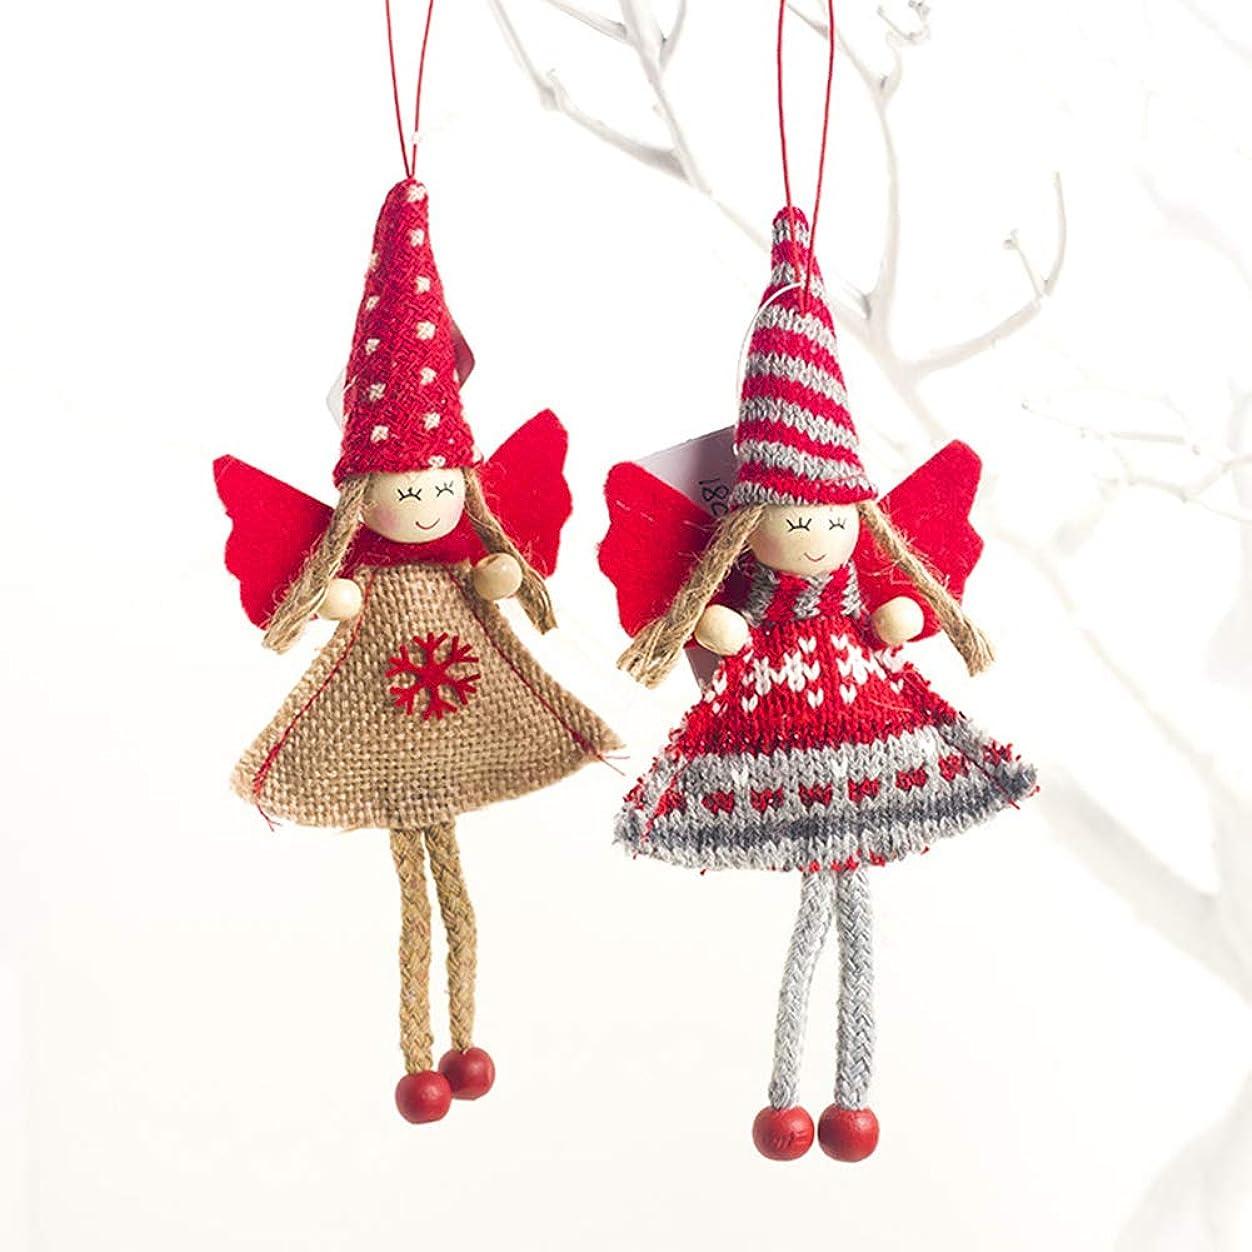 チップ芸術信じられないwulide クリスマス飾り ミニ人形 可愛い ストライプ 帽子付き 小さい女の子 吊り下げ装飾 人形おもちゃ アクセサリー 撮影道具 子供の日 誕生日 クリスマス プレゼント 2PCS